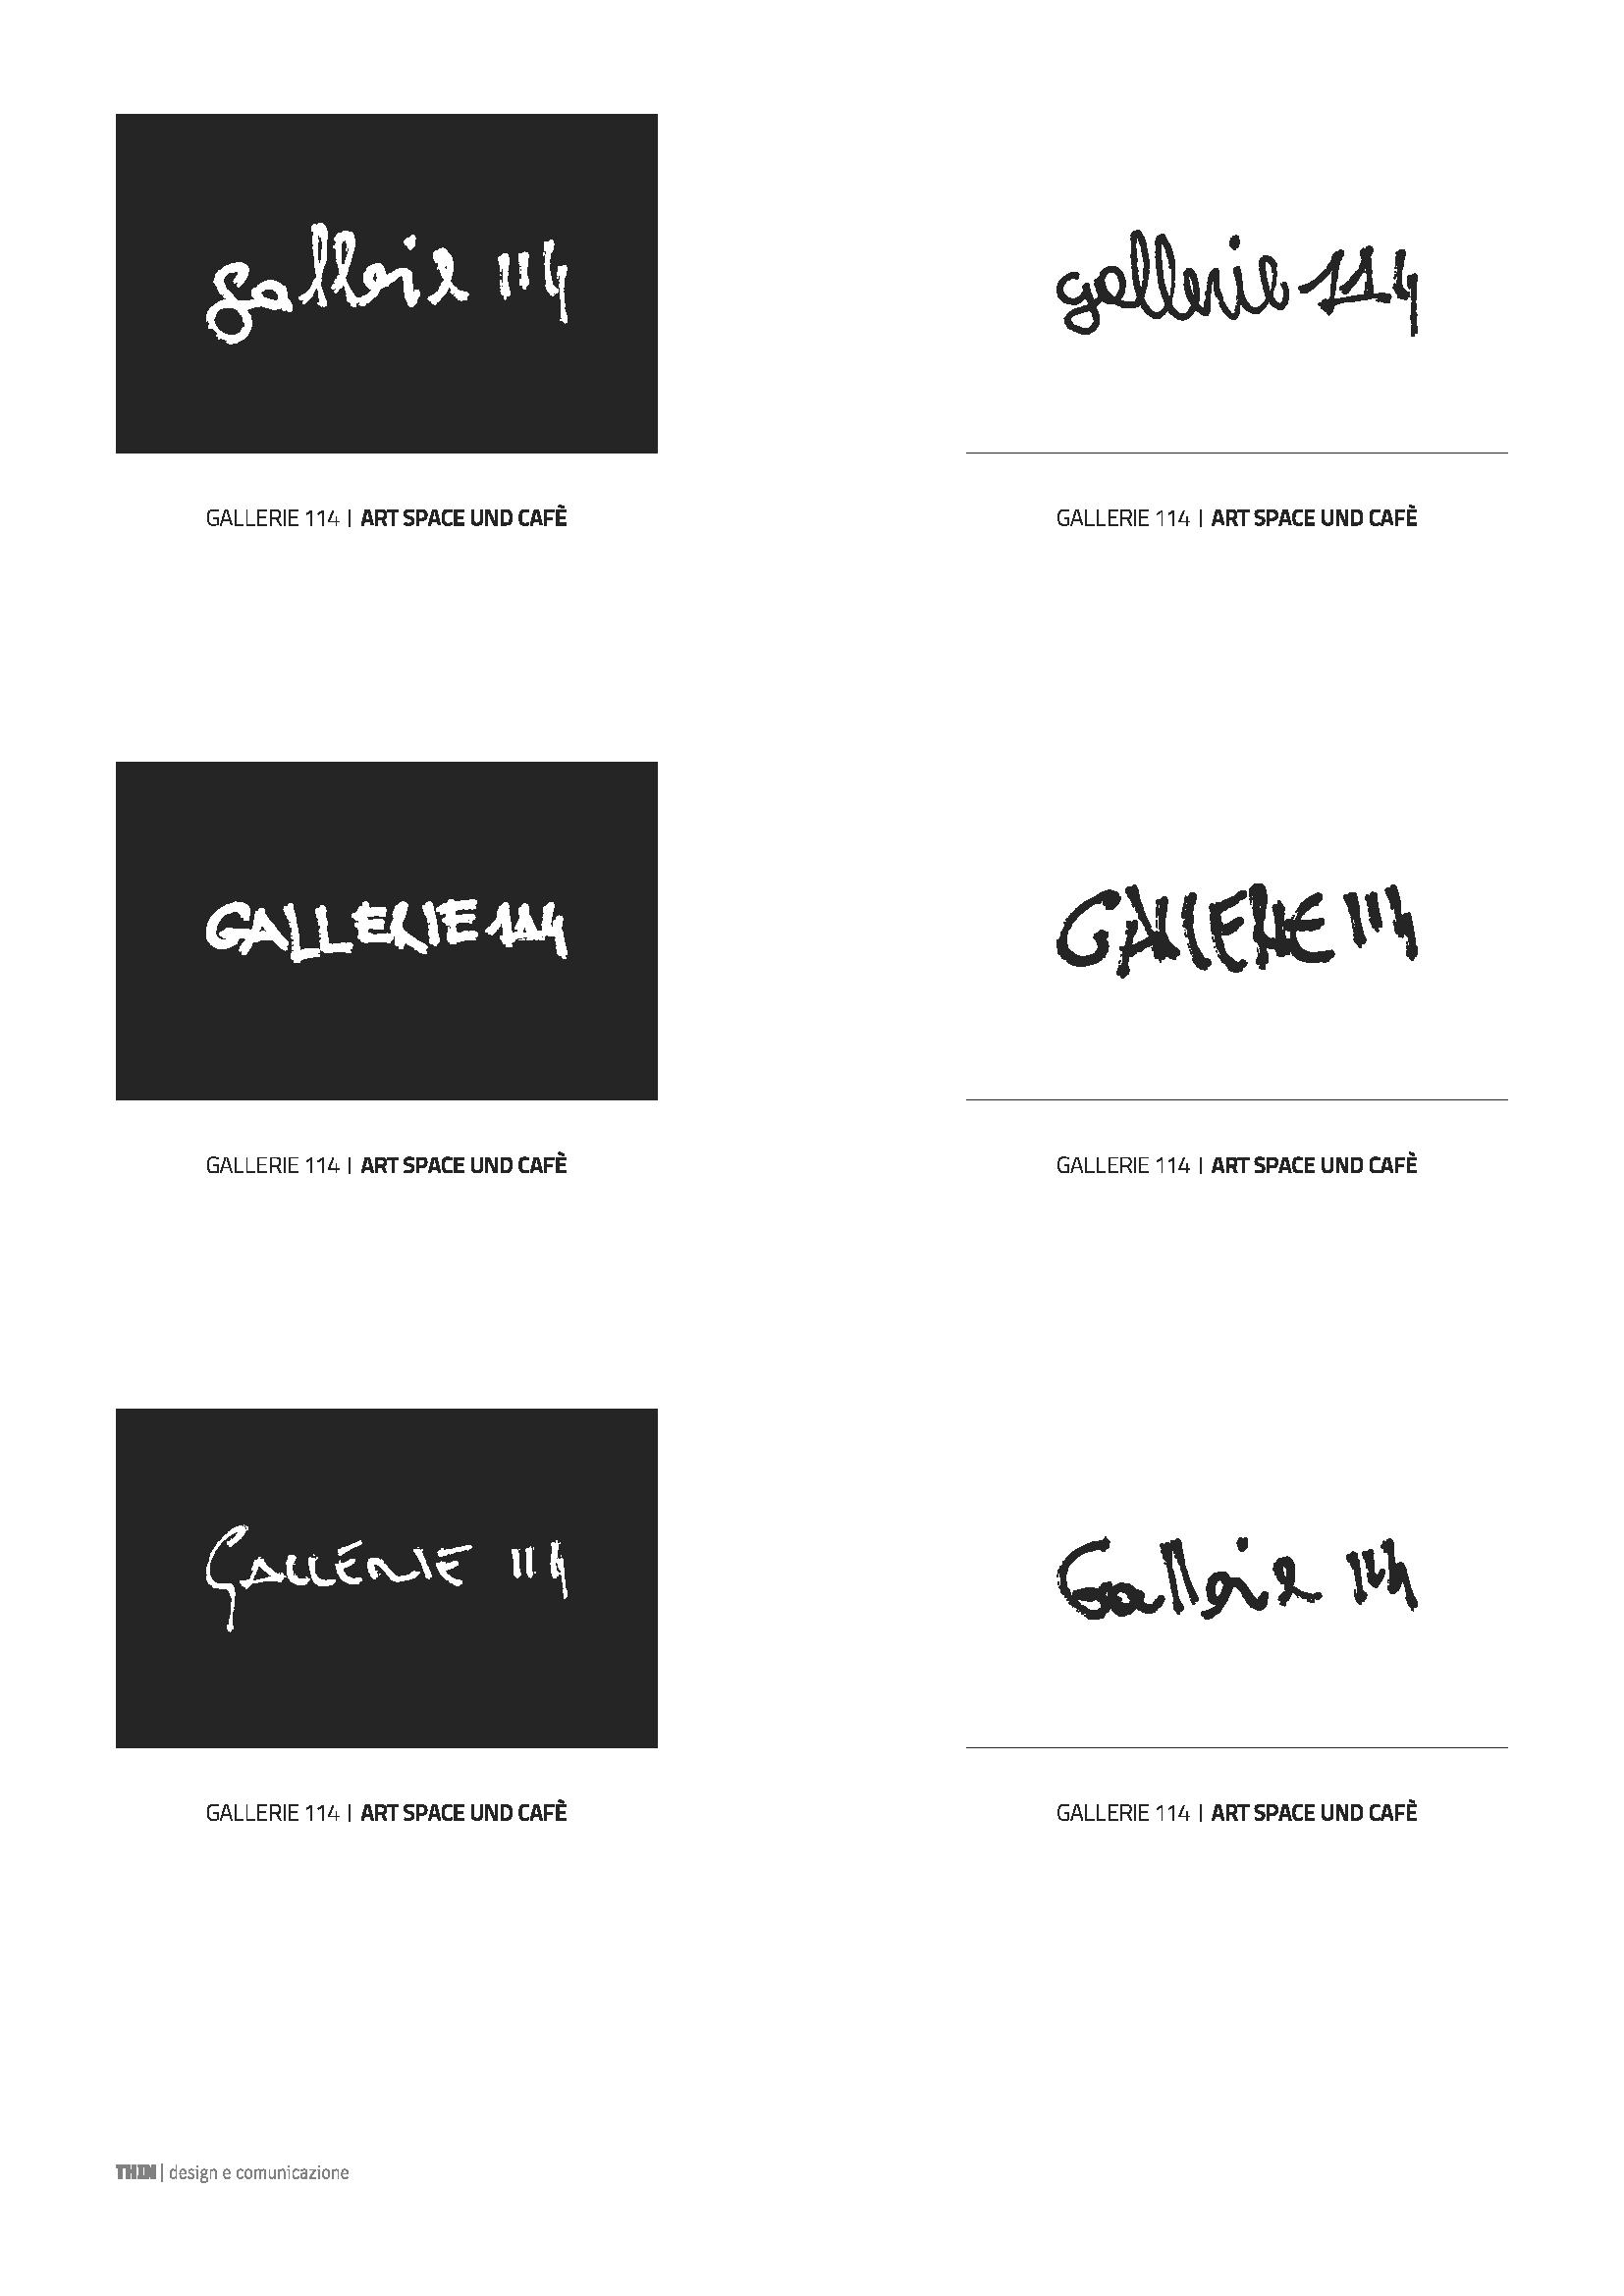 Gallerie 114. Logo usage